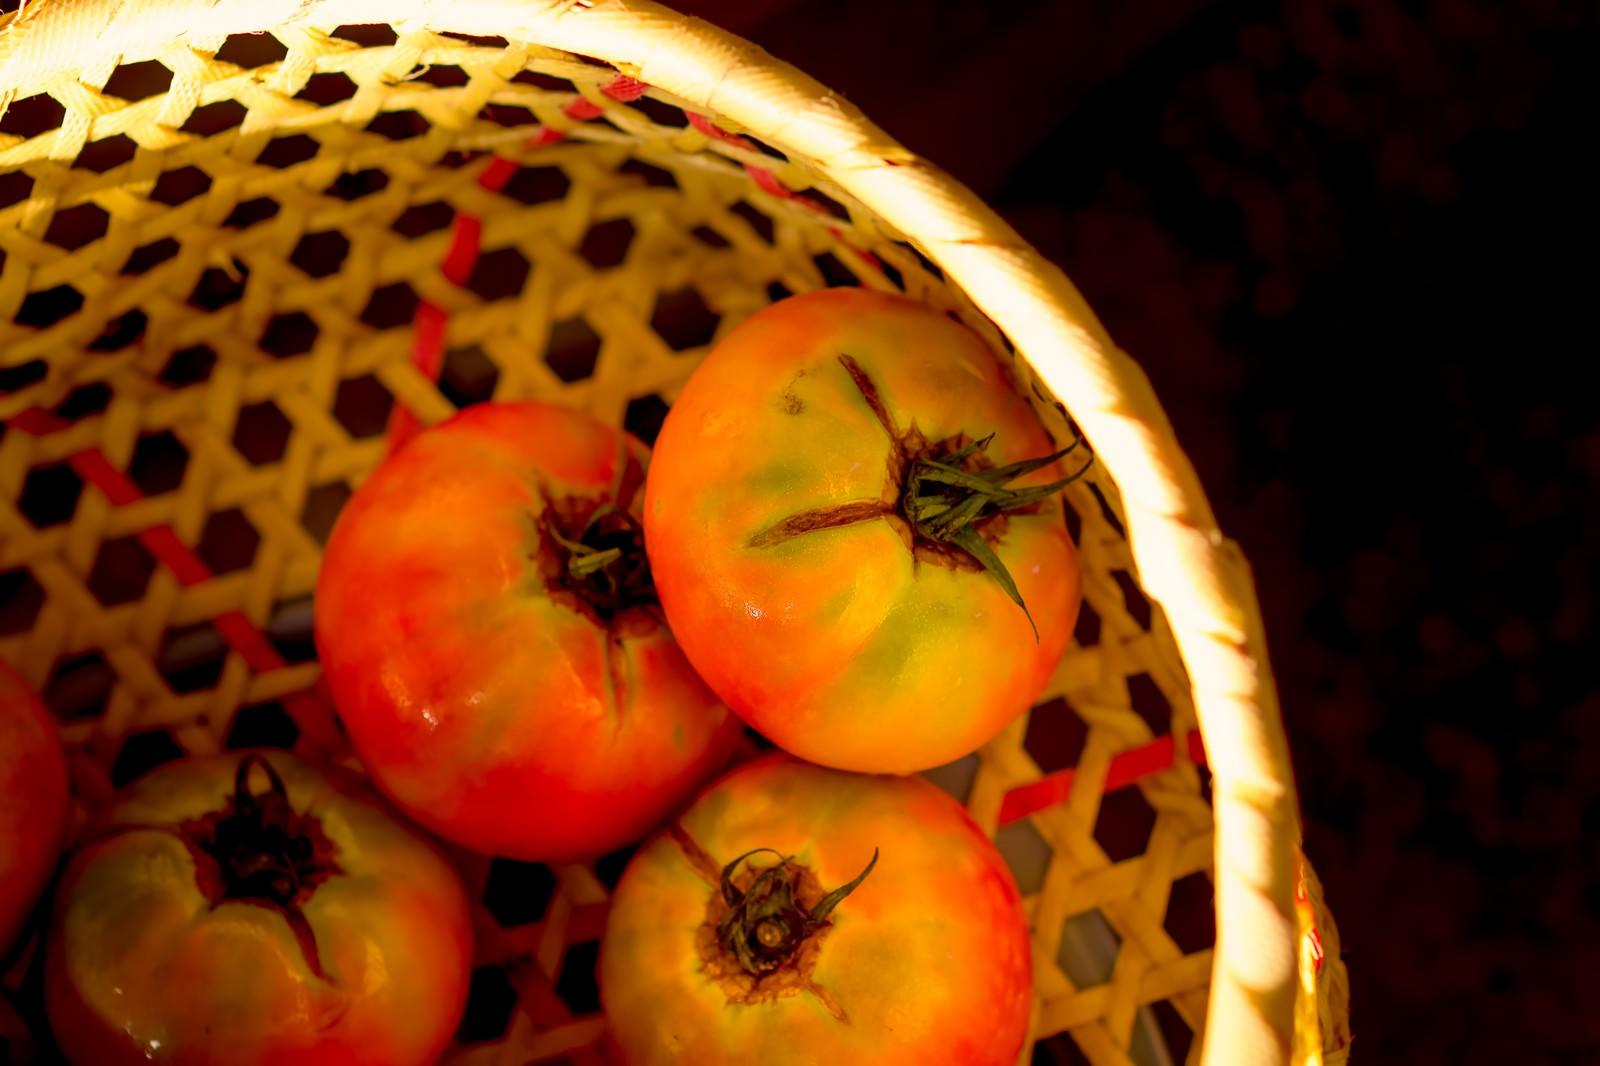 「ザルとトマト」の写真